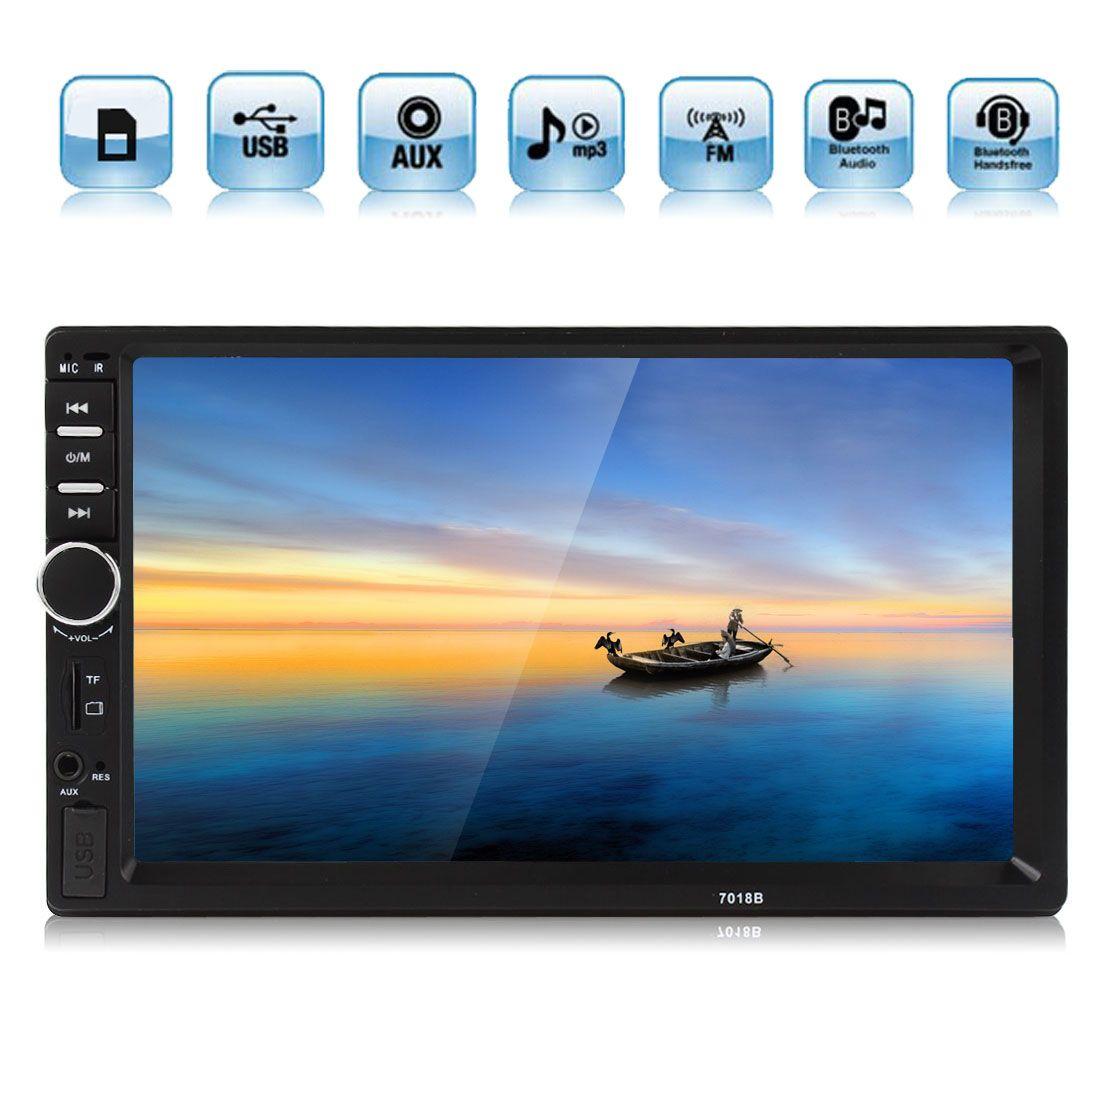 2019 7 inch 2 din bluetooth in dash touch screen car audio stereo2019 7 inch 2 din bluetooth in dash touch screen car audio stereo mp3 mp5 player usb cmo_20o from hblx, $60 49 dhgate com